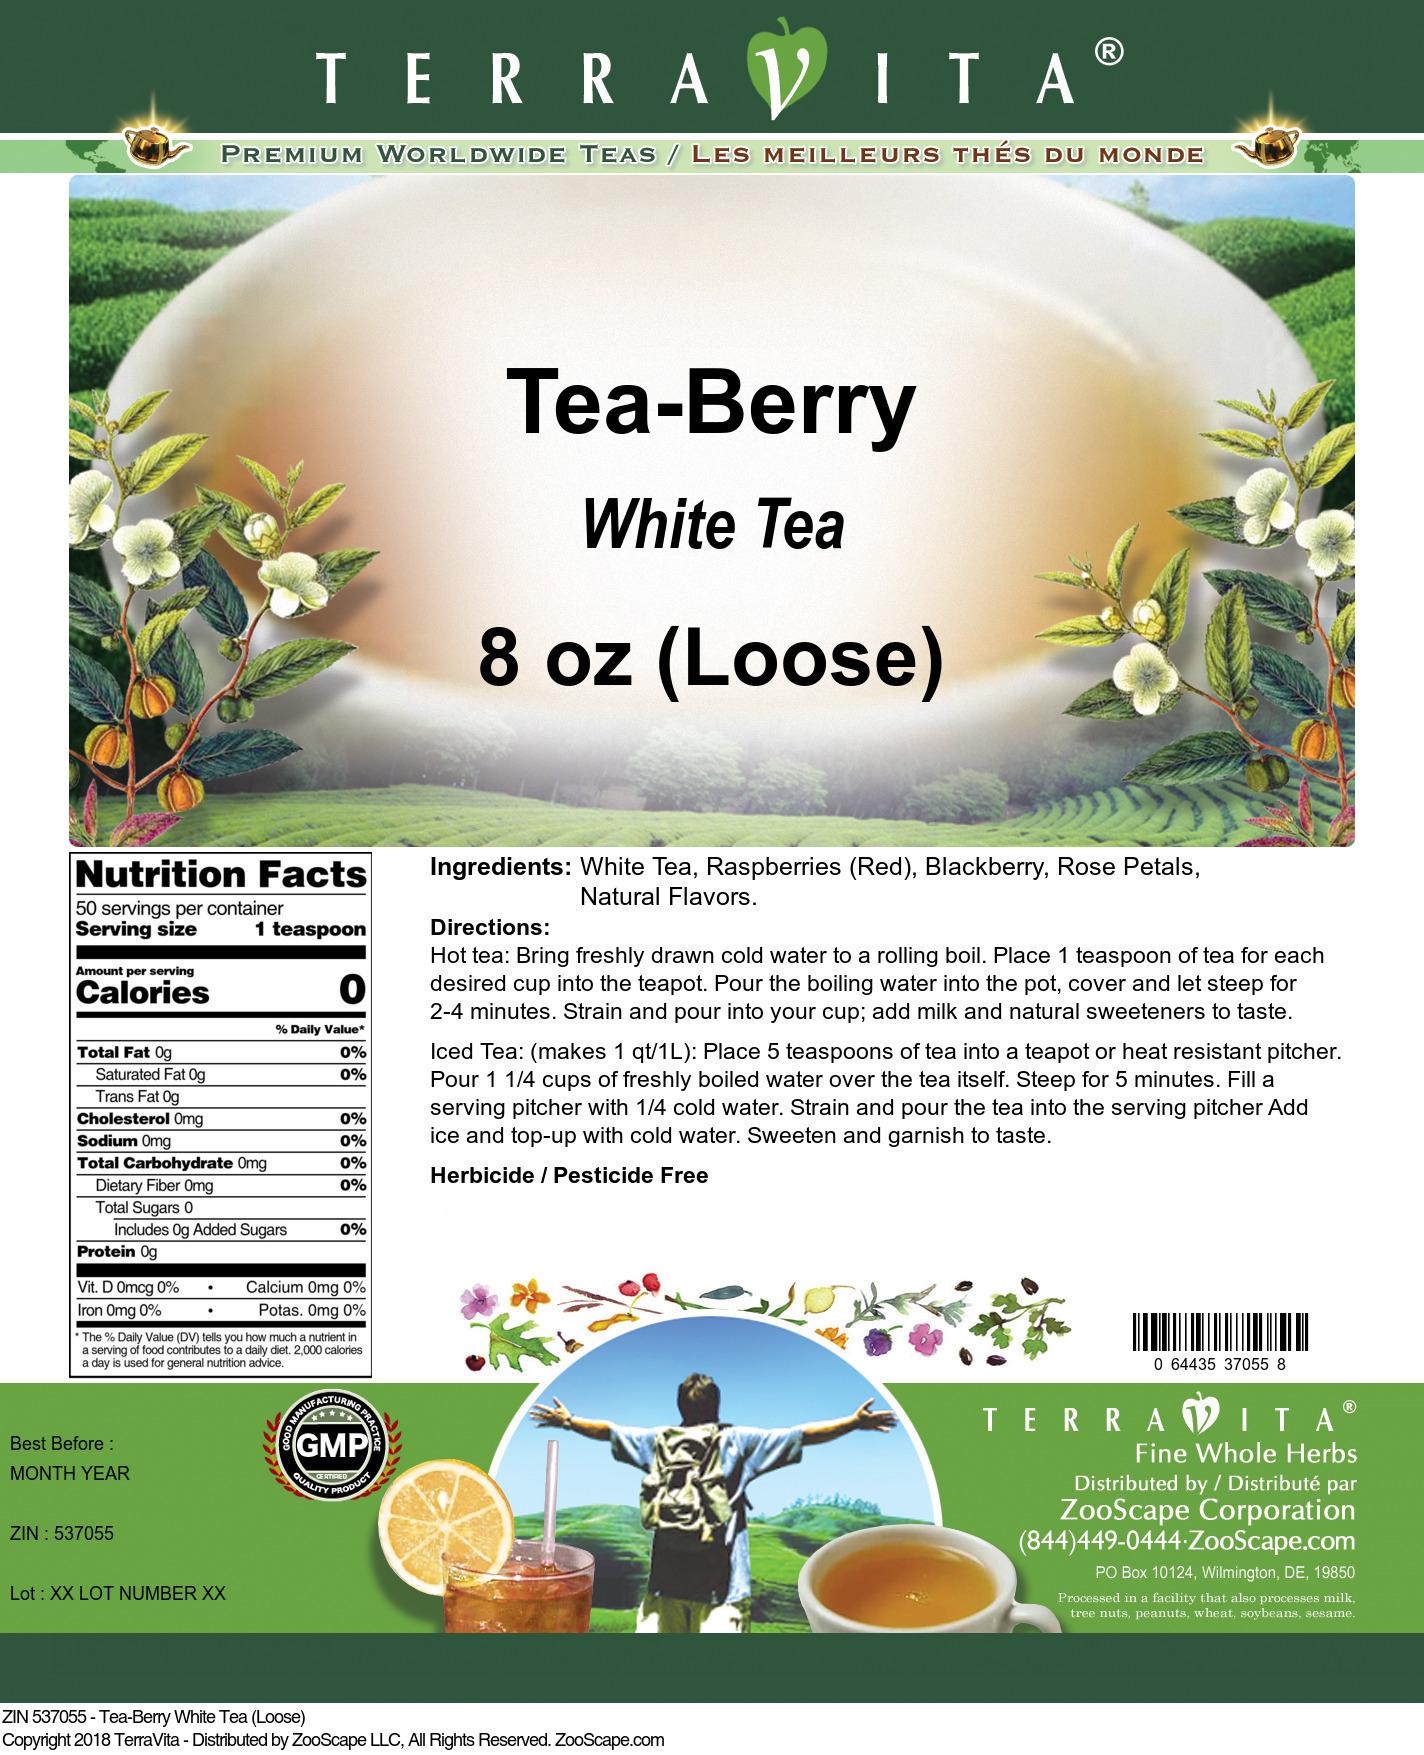 Tea-Berry White Tea (Loose)